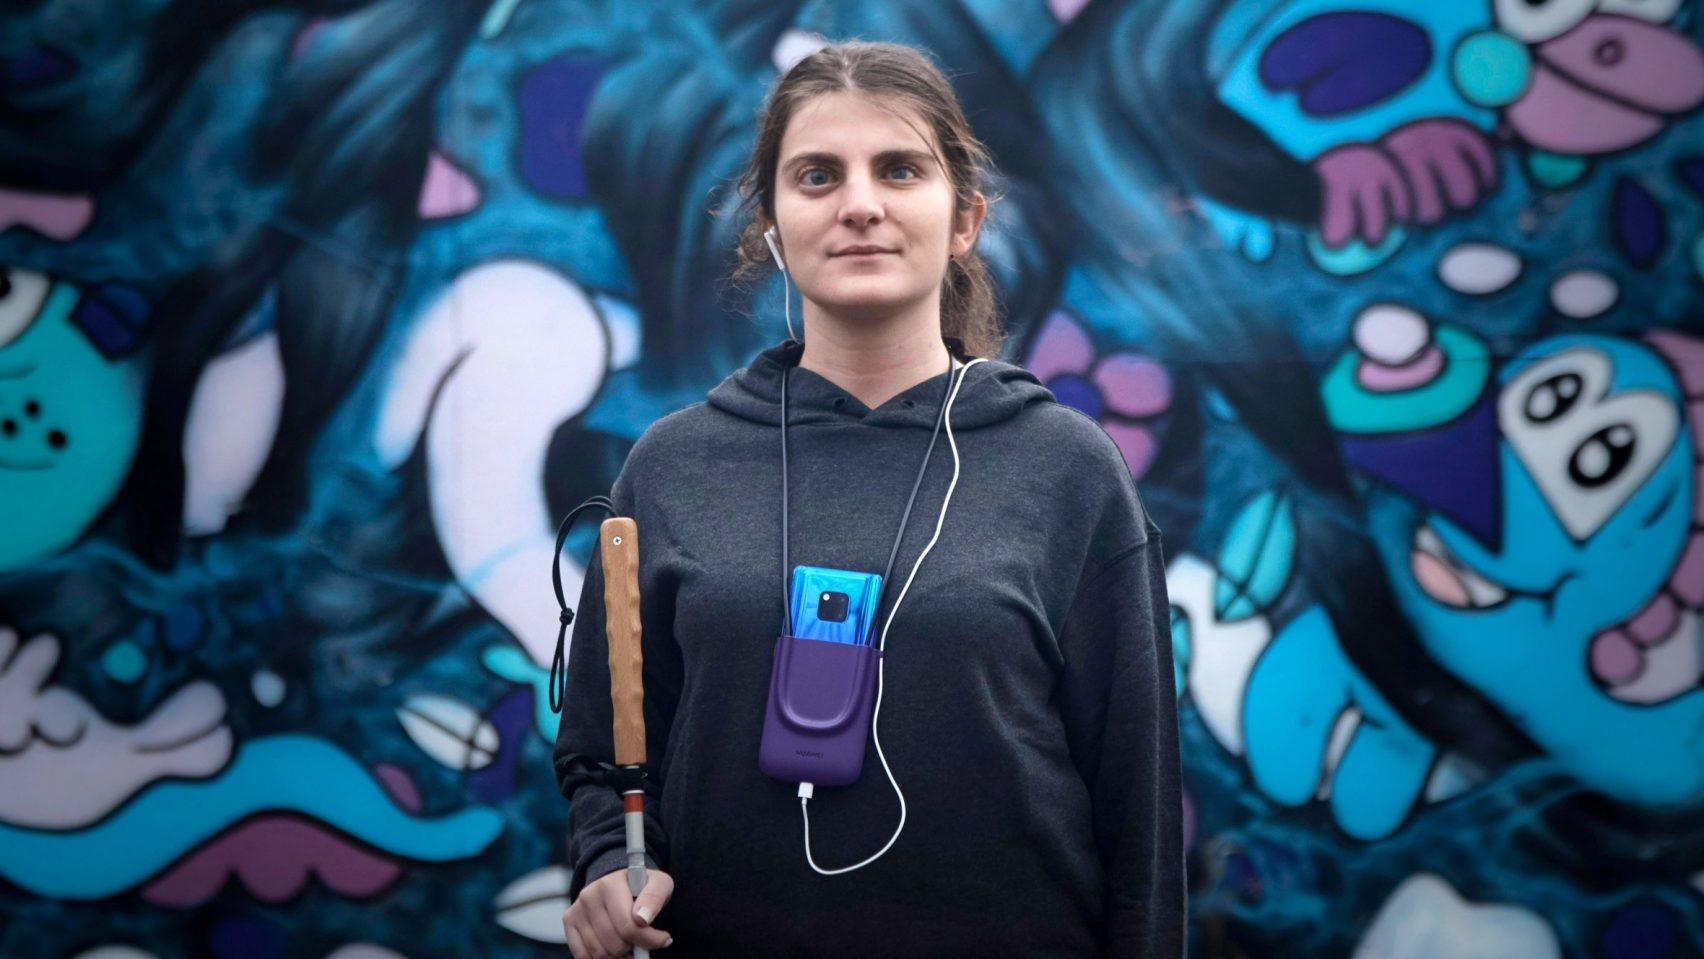 화웨이, 얼굴표정을 소리로 바꿔주는 시각장애인용 앱 개발